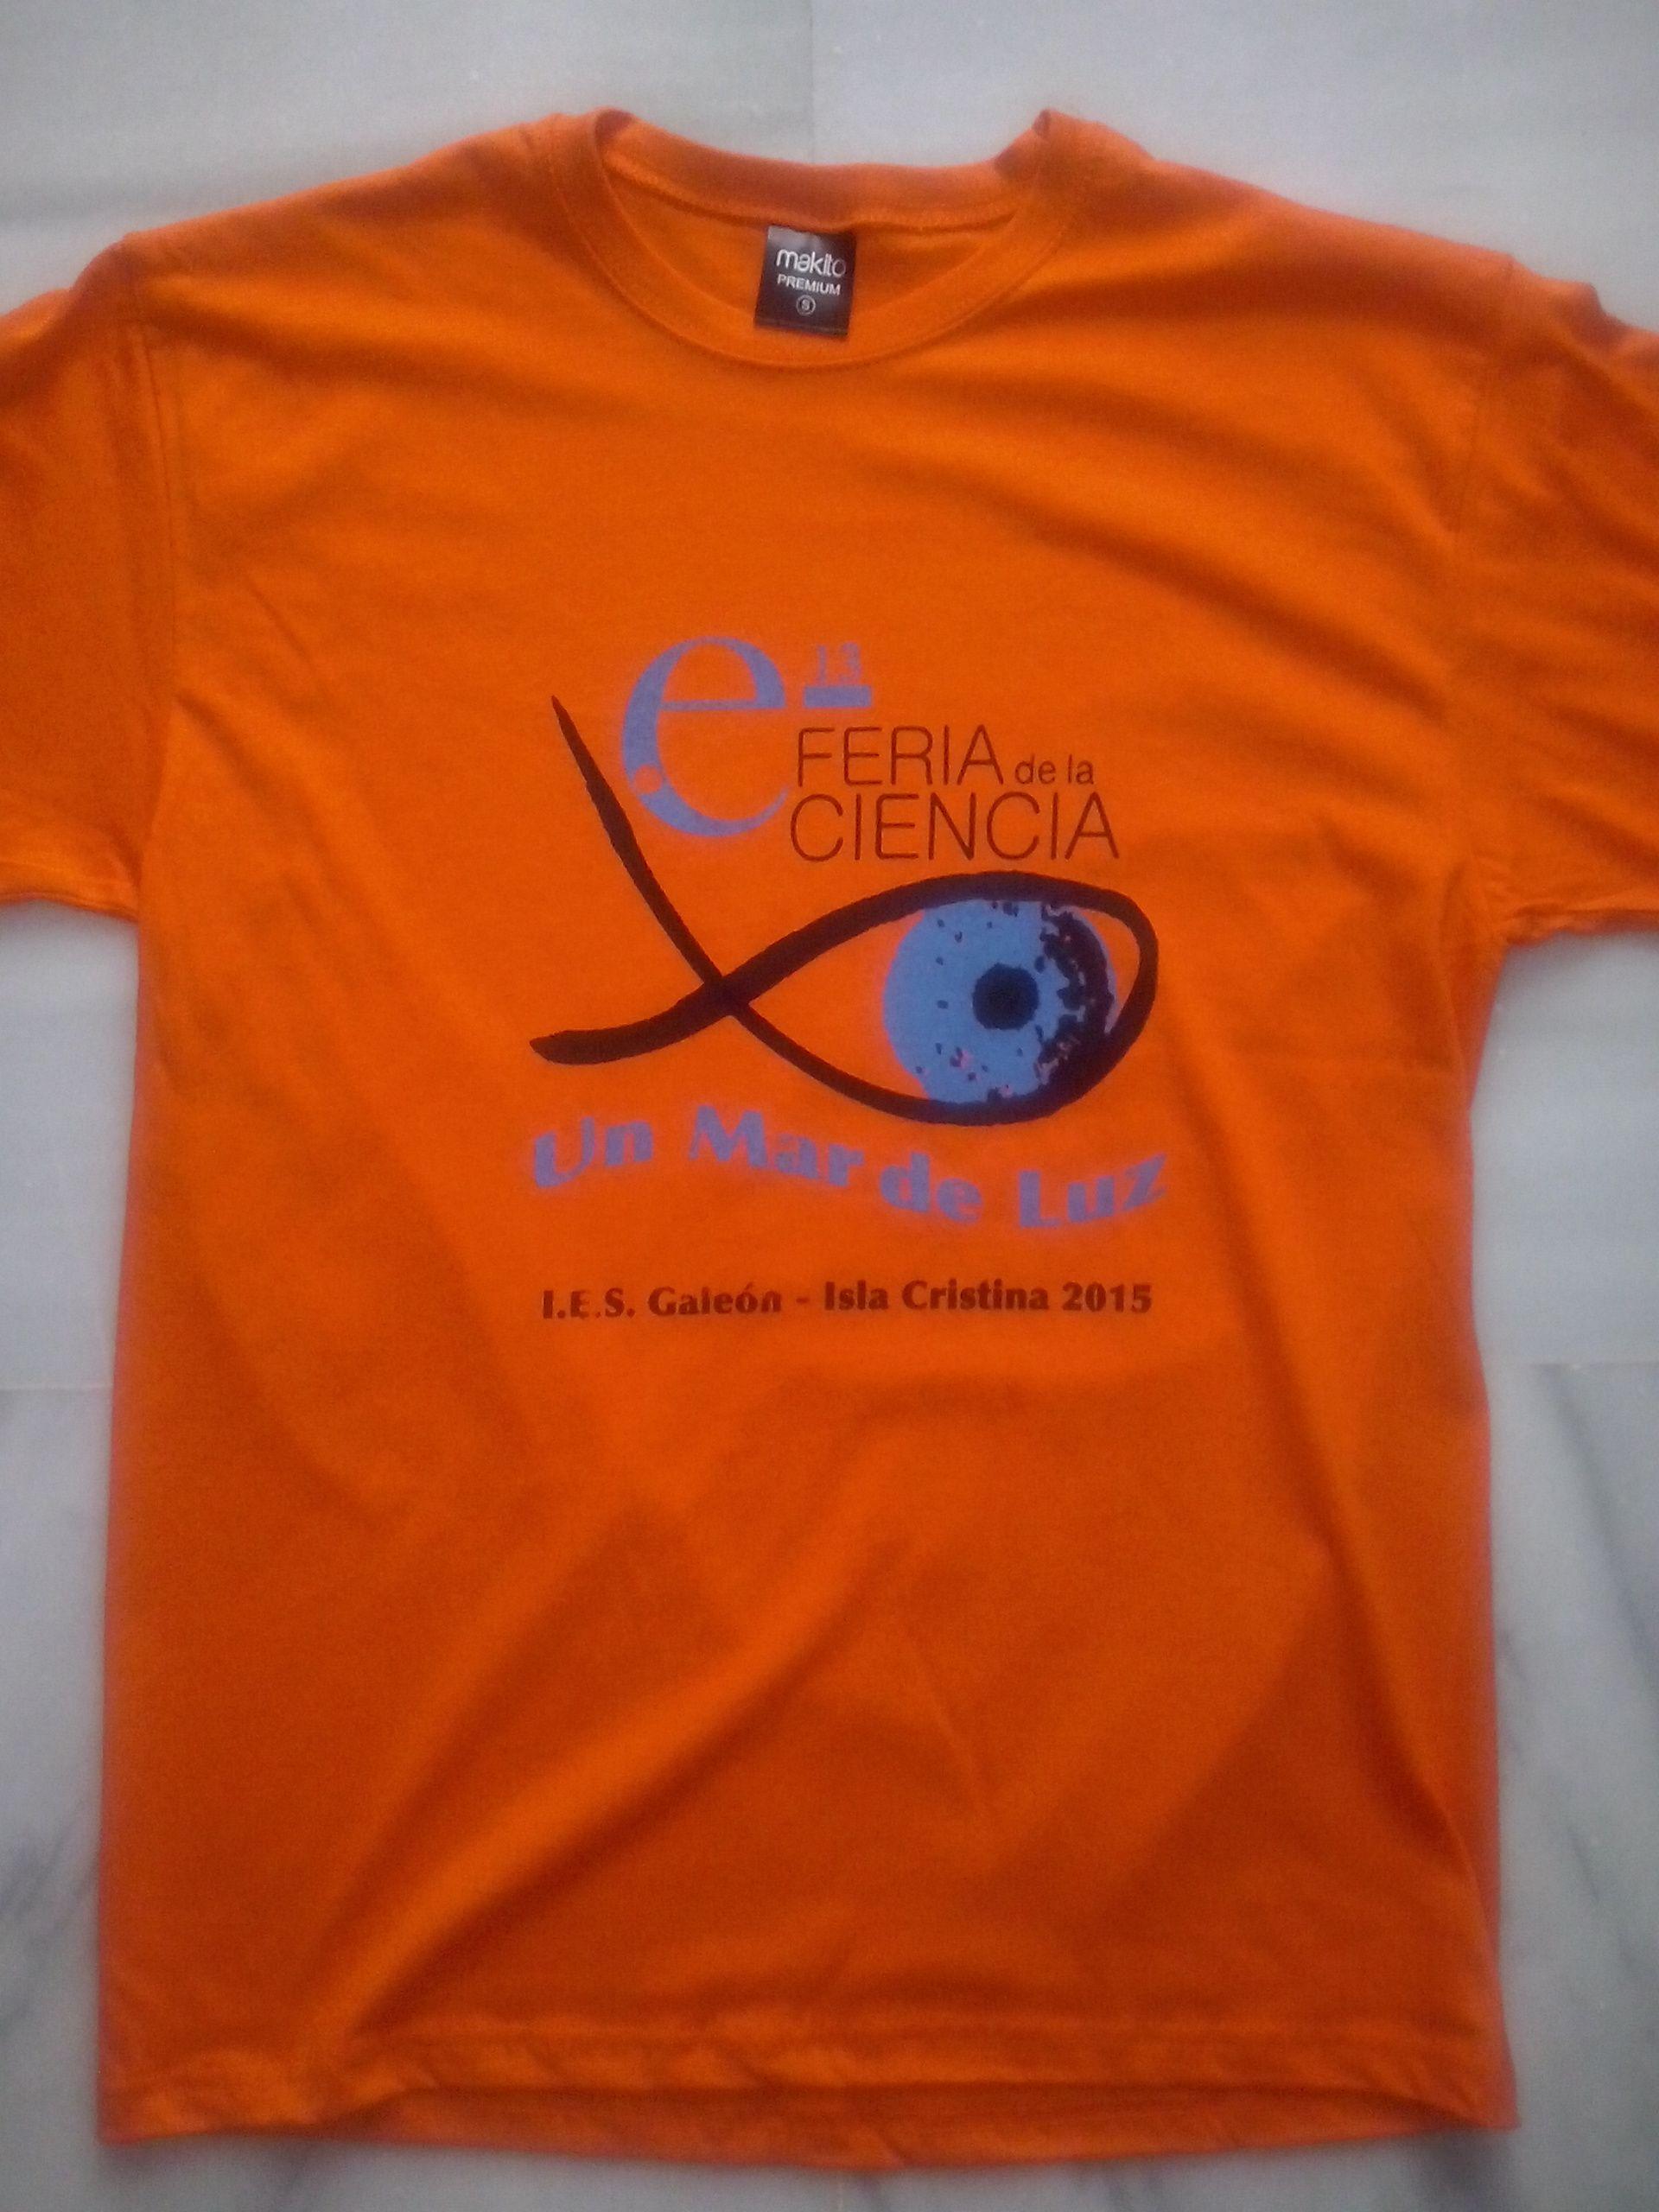 Camisetas serigrafiadas para eventos 976d4747ae06c